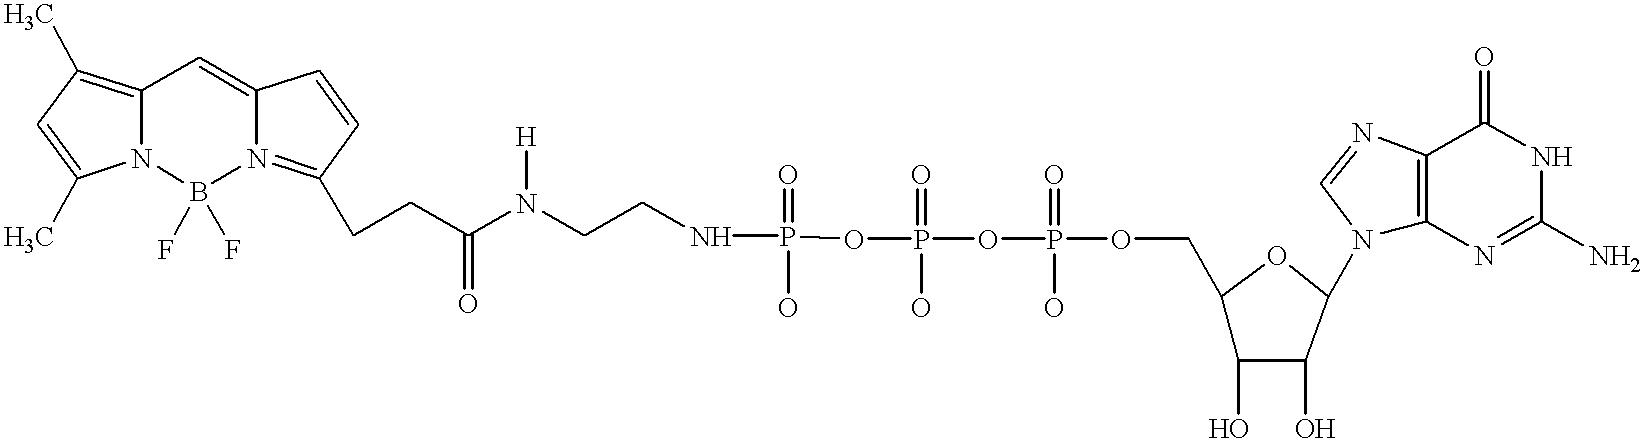 Figure US06323186-20011127-C00012